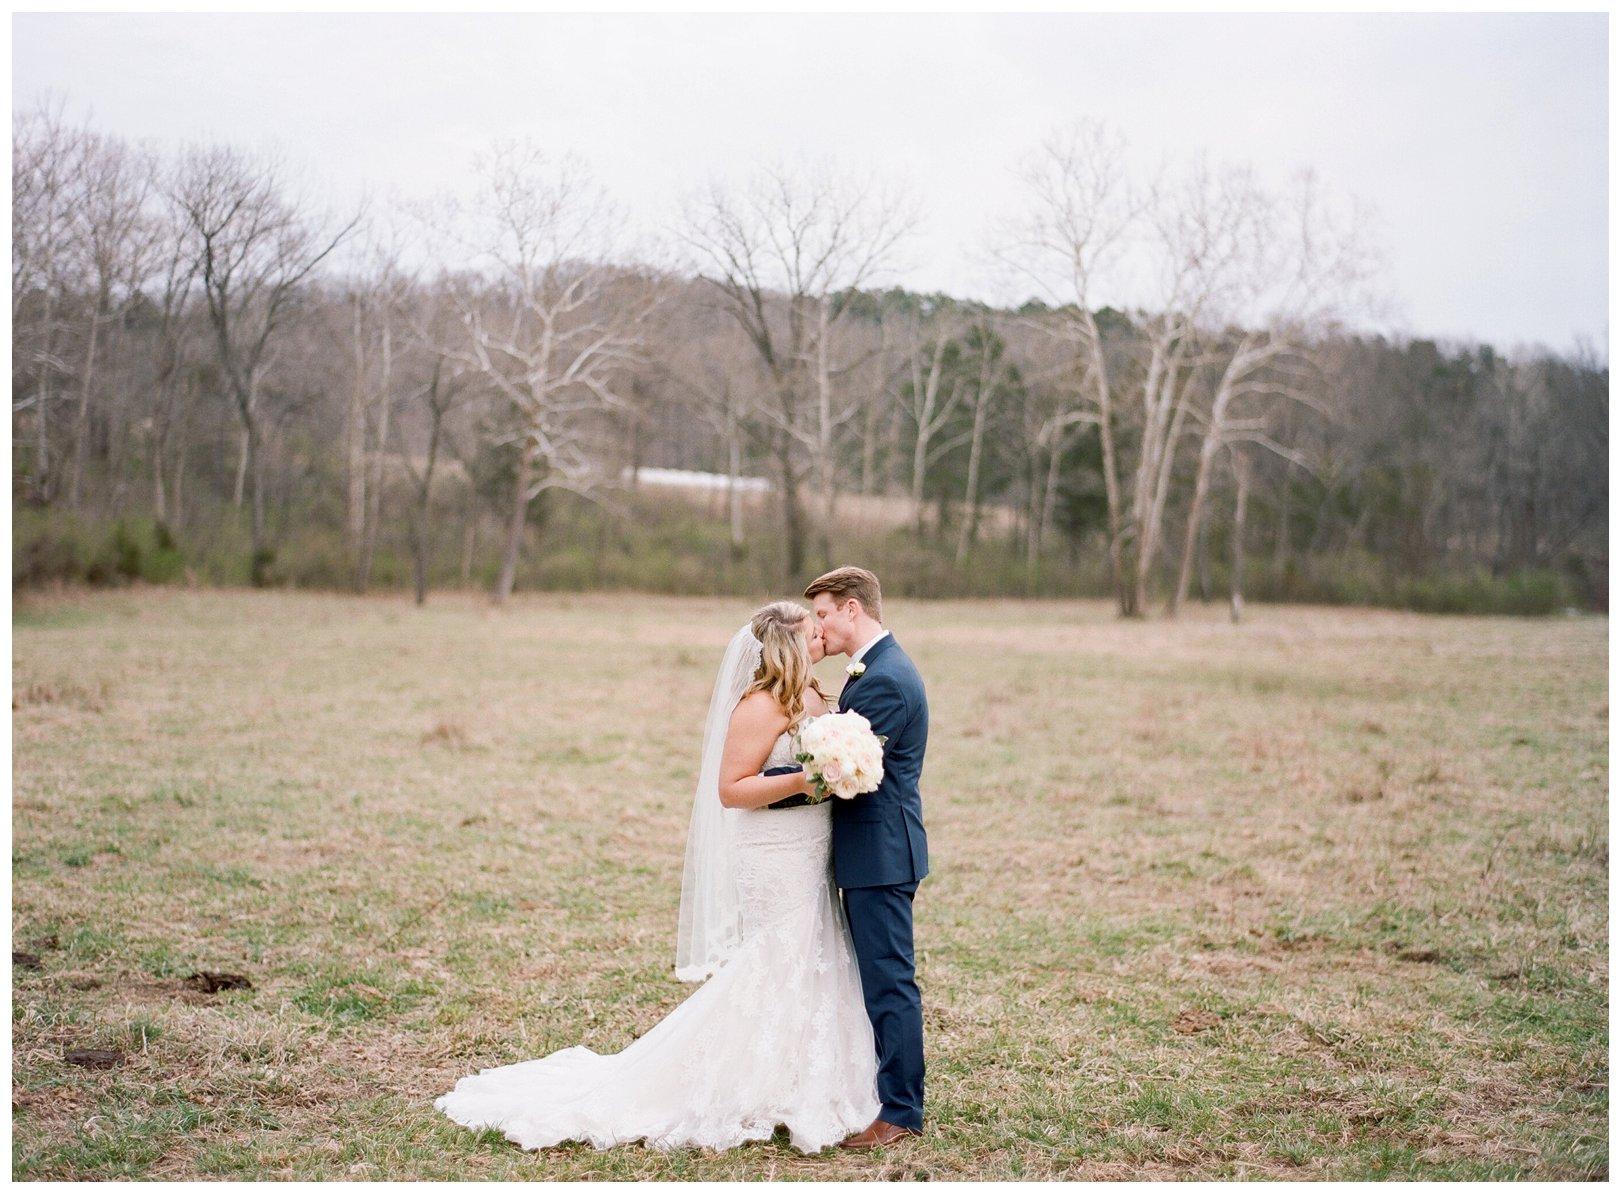 lauren muckler photography_fine art film wedding photography_st louis_photography_0990.jpg